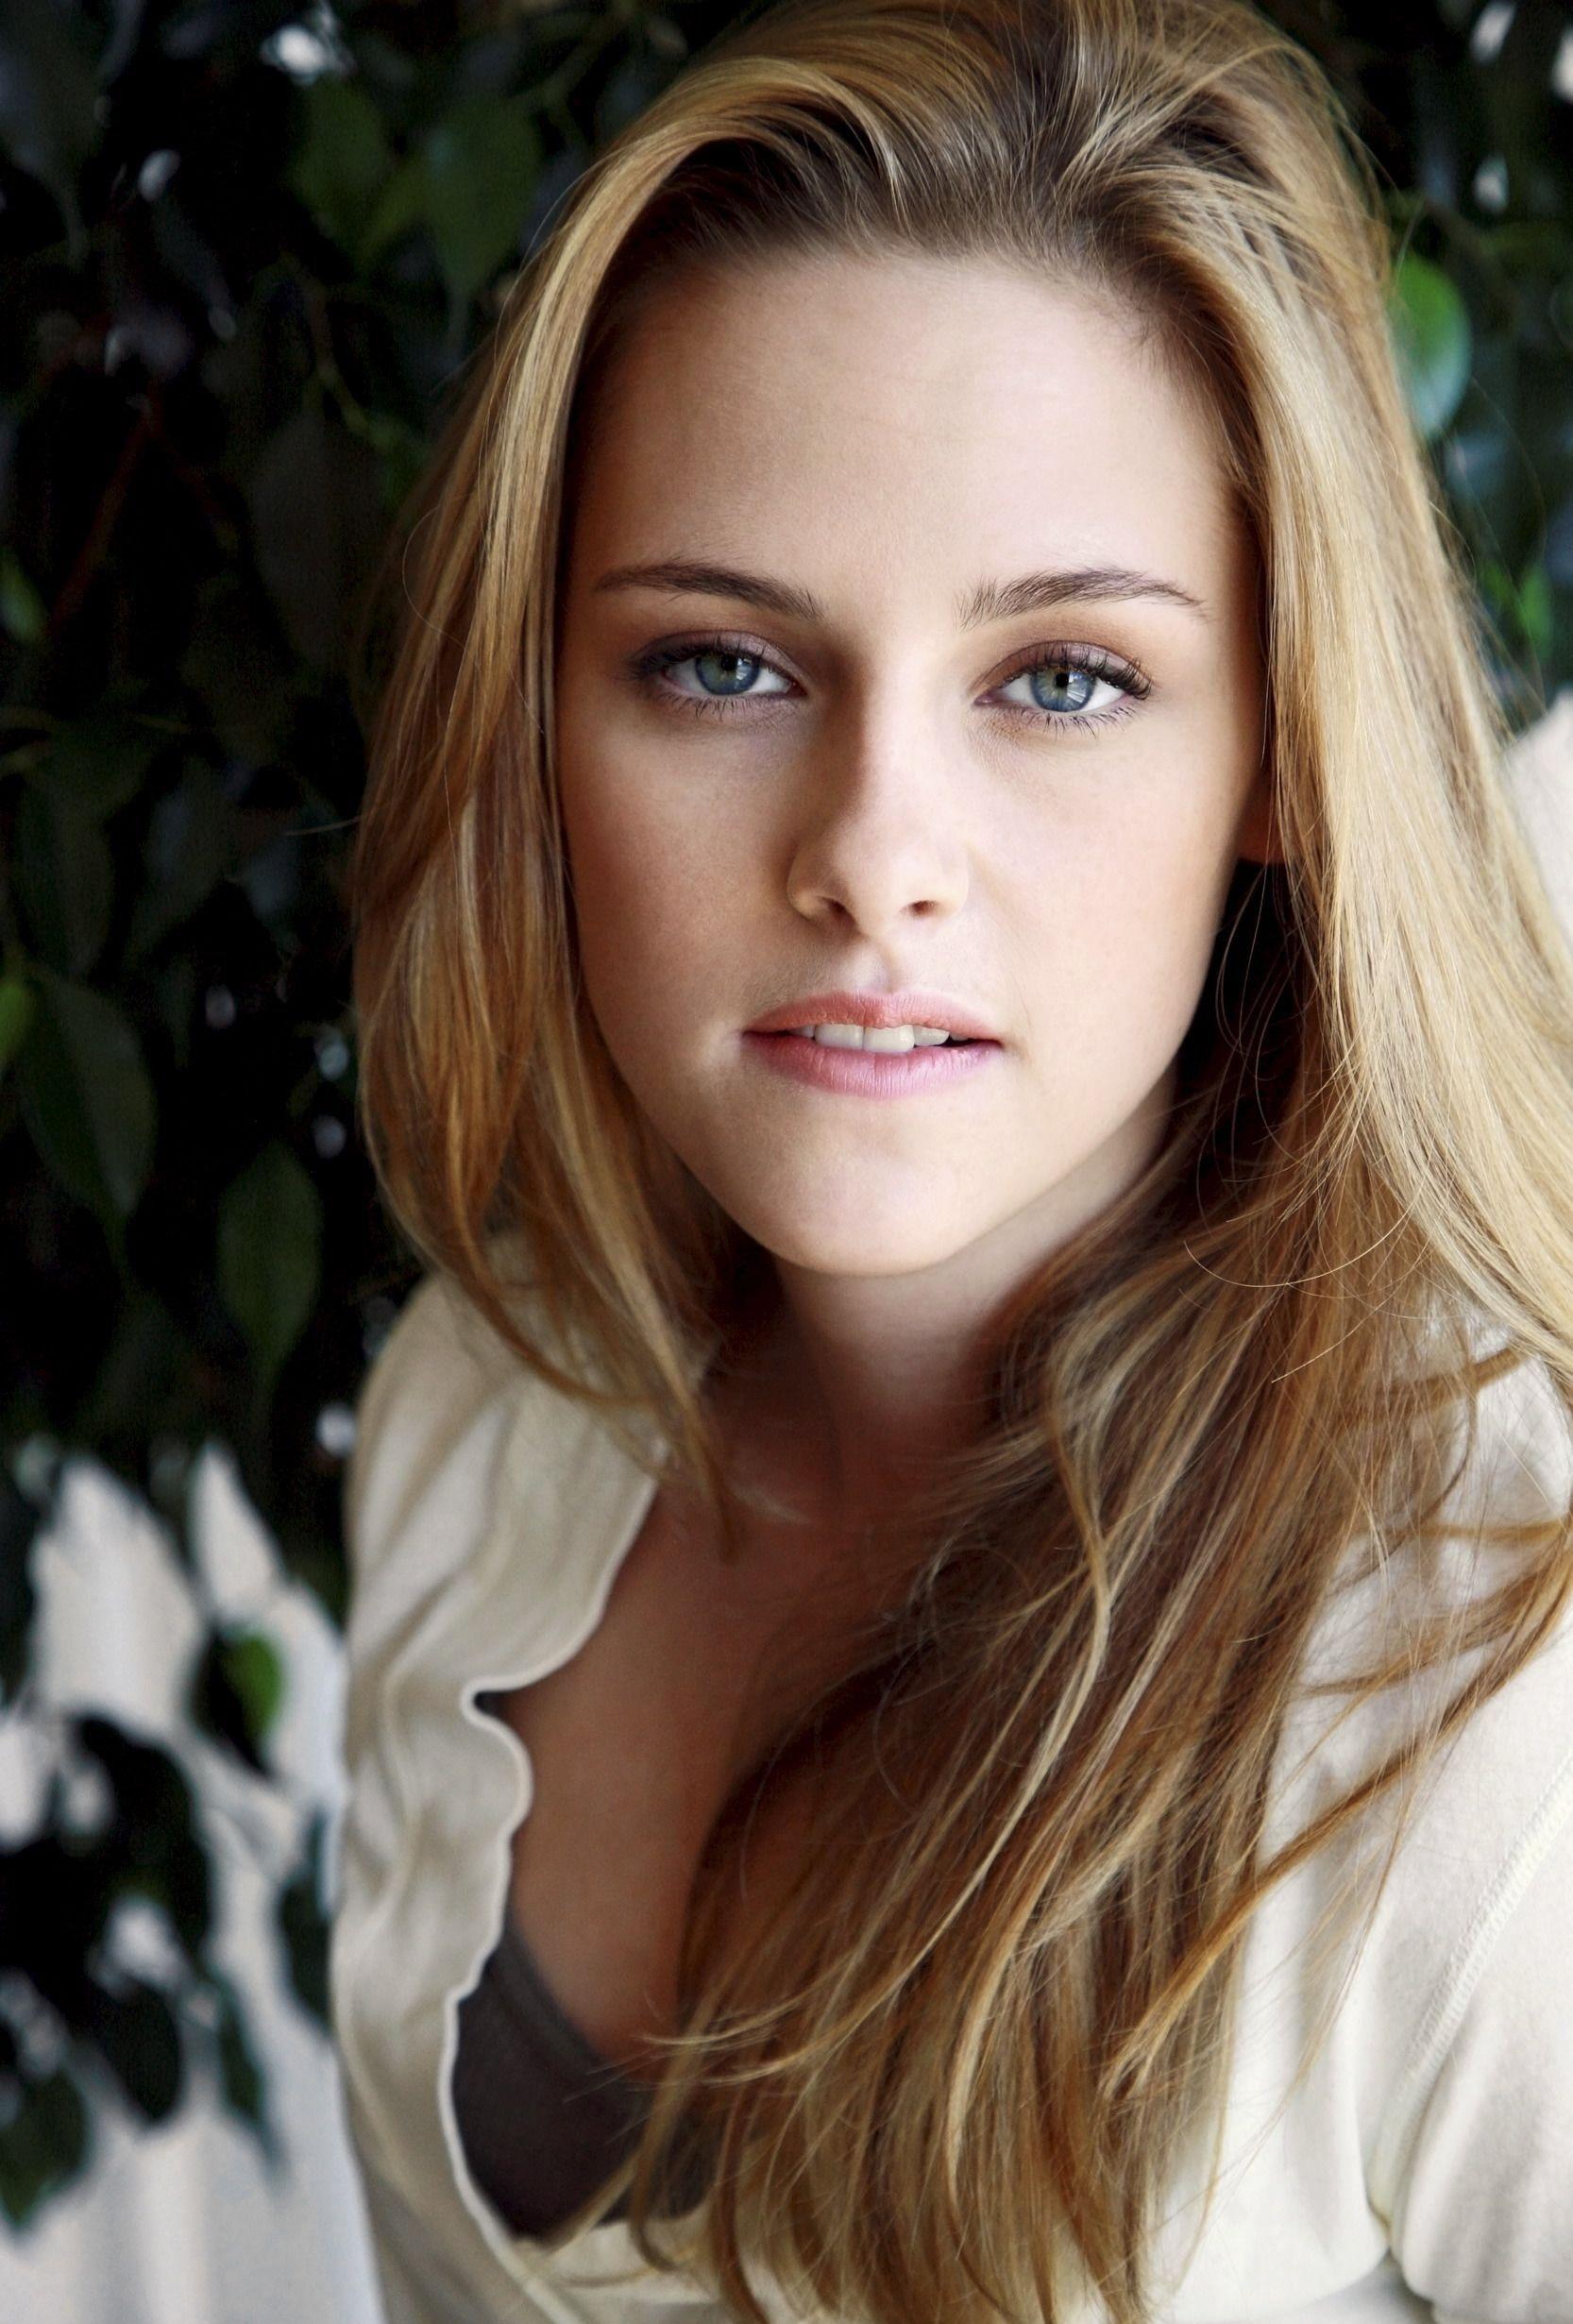 Kristen-Stewart-Hot-1  Bendito Maquillaje-1414